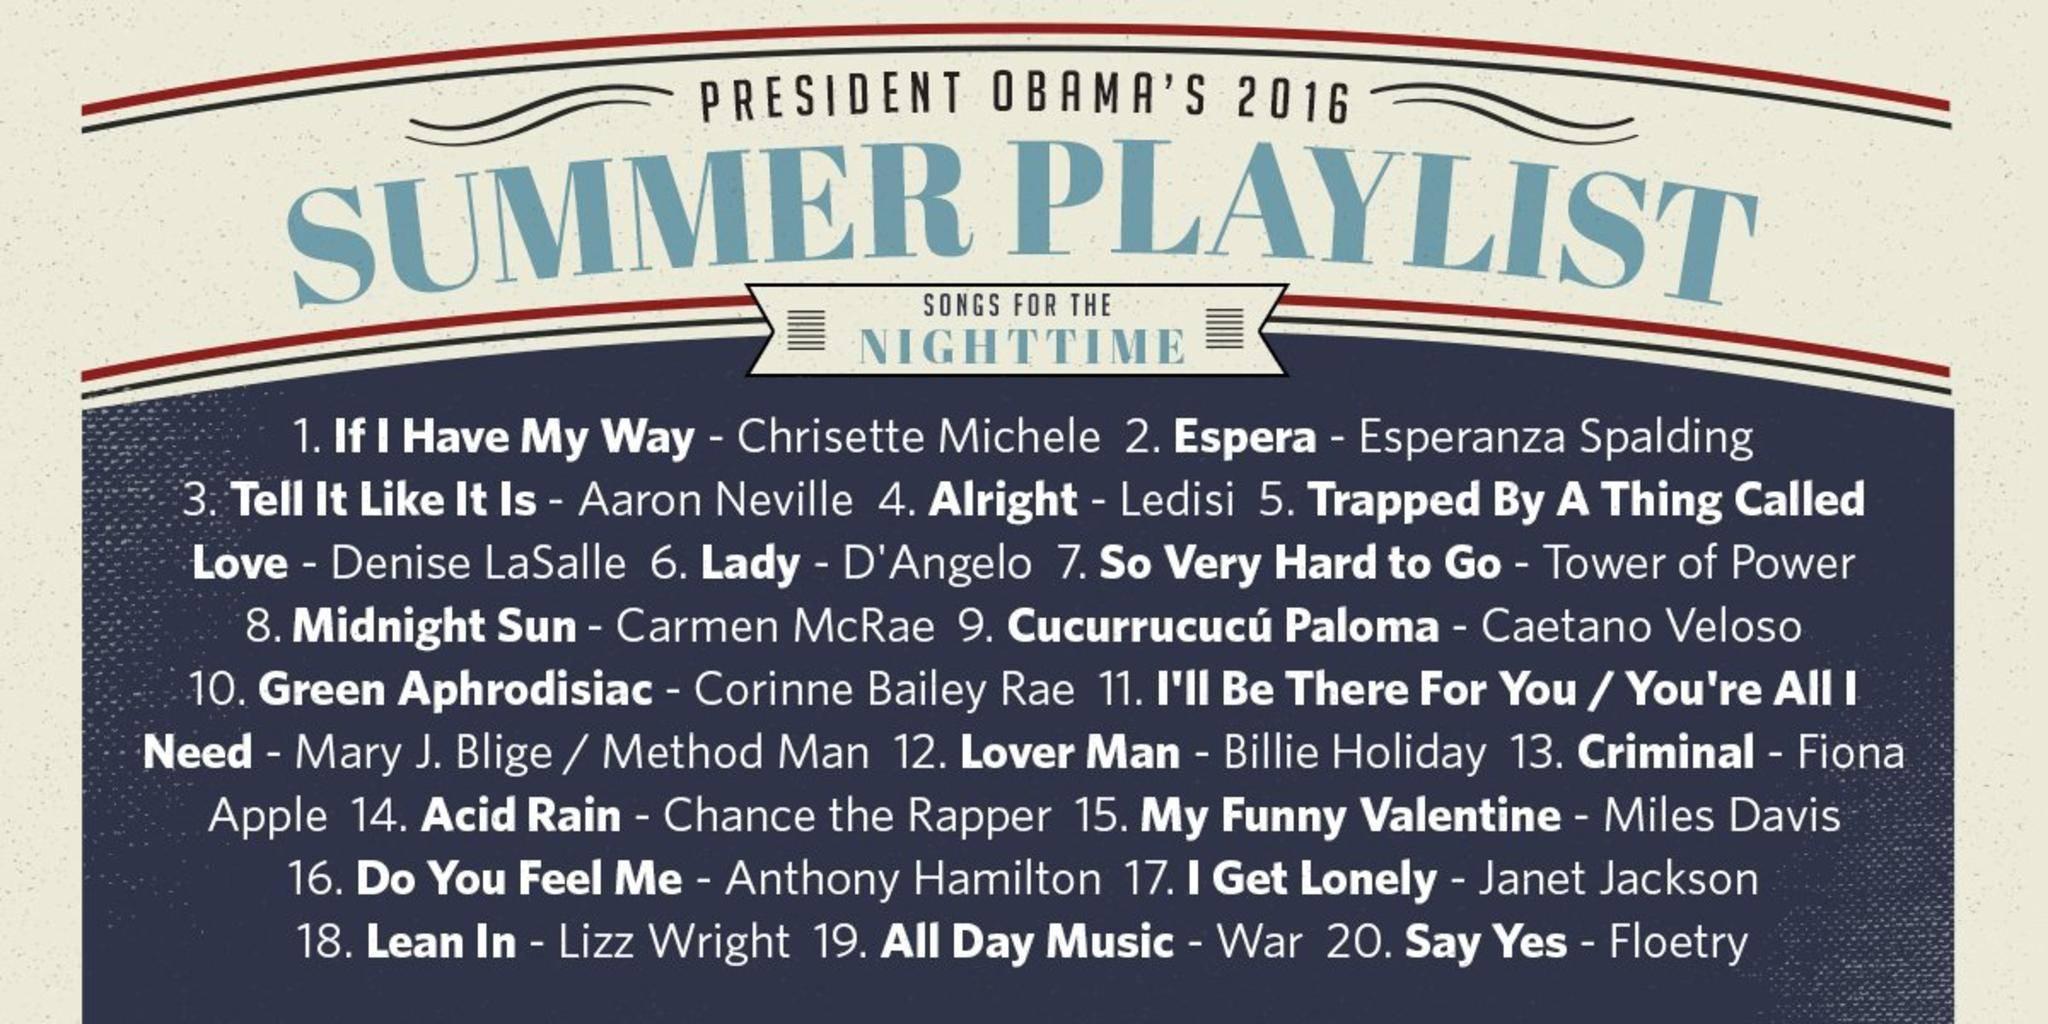 Wie die Spotify-Playlist zeigt, bevorzugt Barack Obama nachts eher ruhigere Töne.